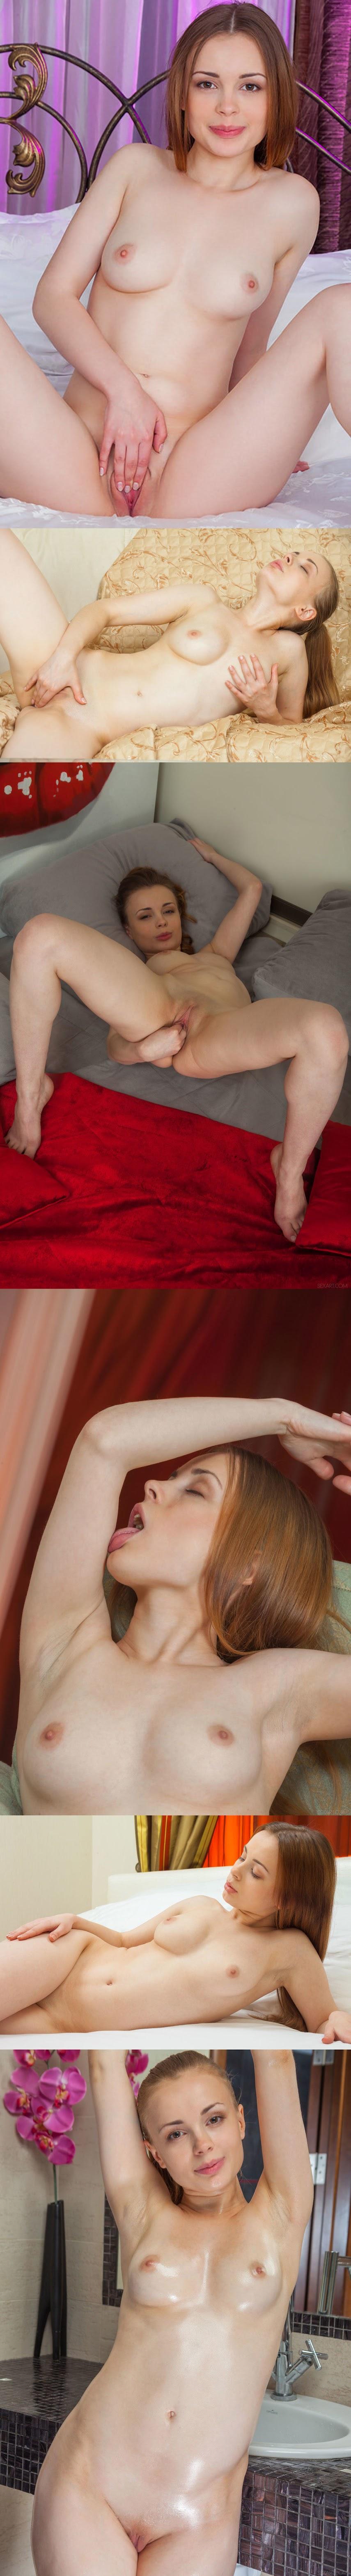 Sexart  Winnie sexy girls image jav